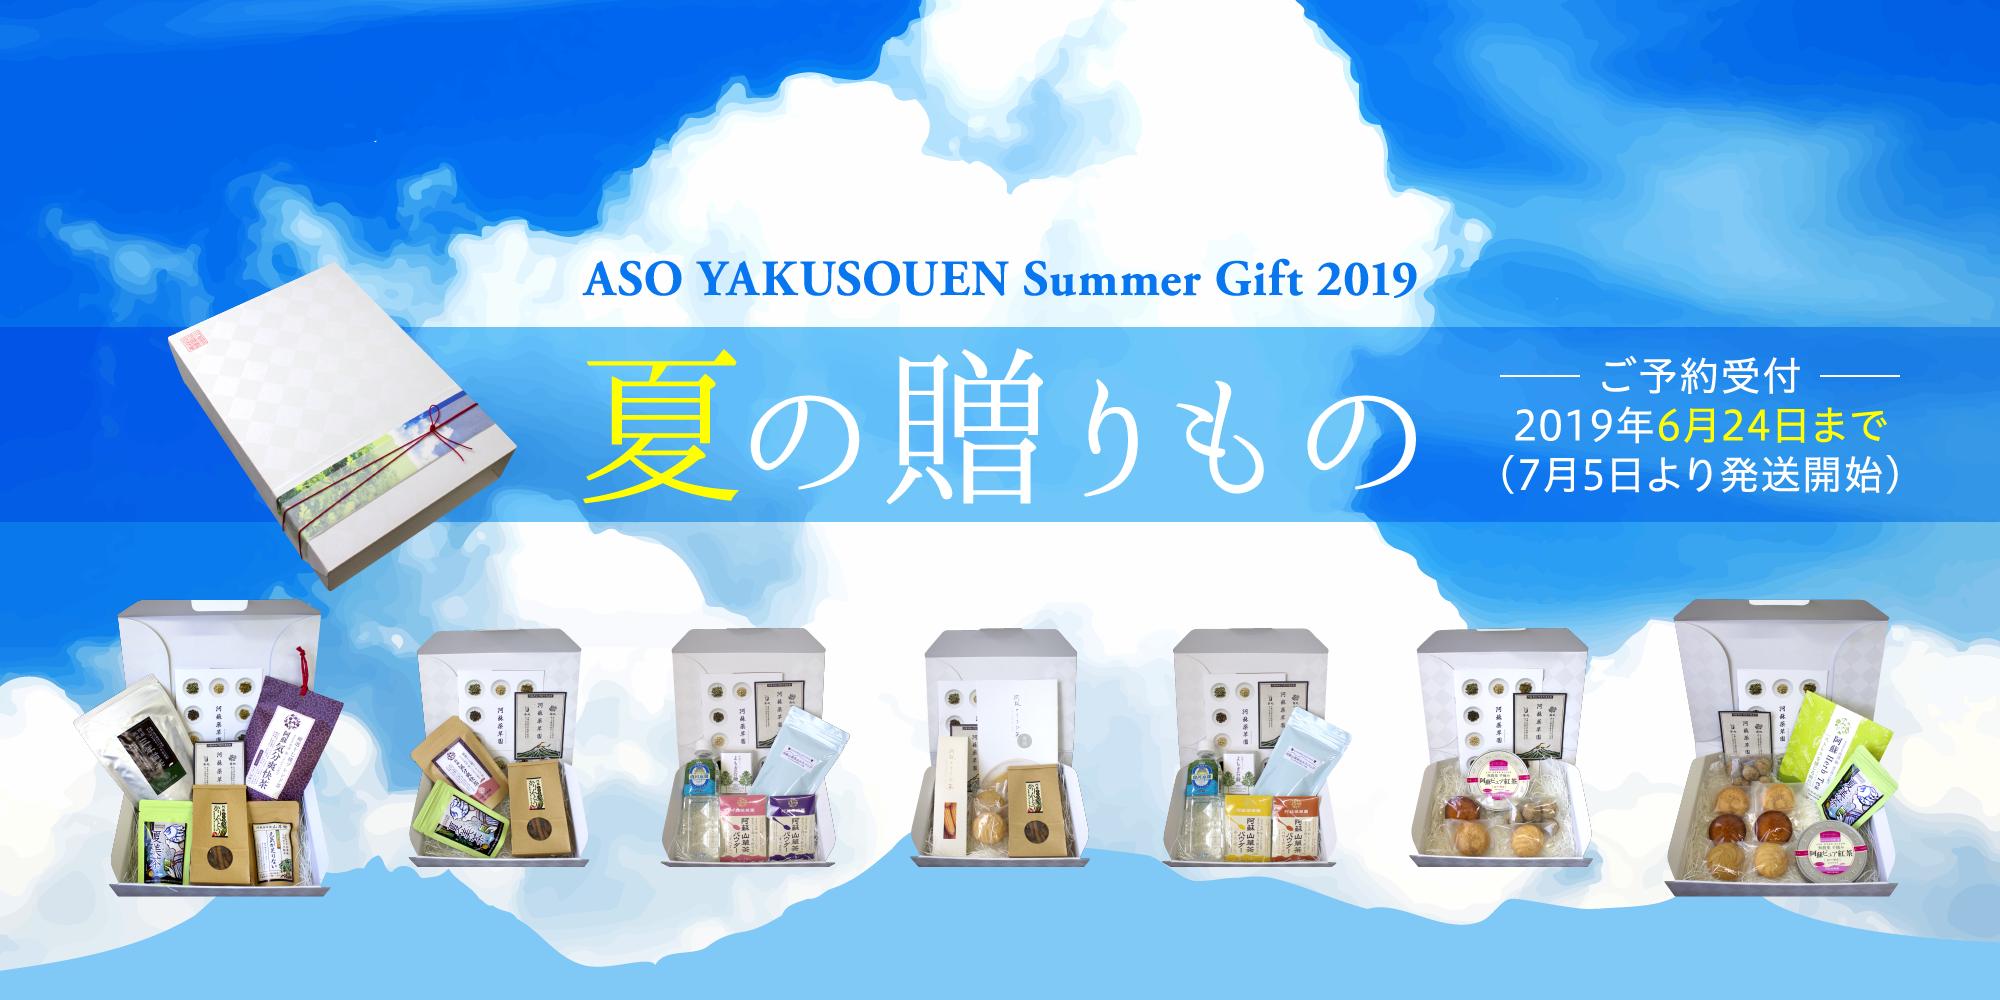 阿蘇薬草園 夏の贈りもの 2019